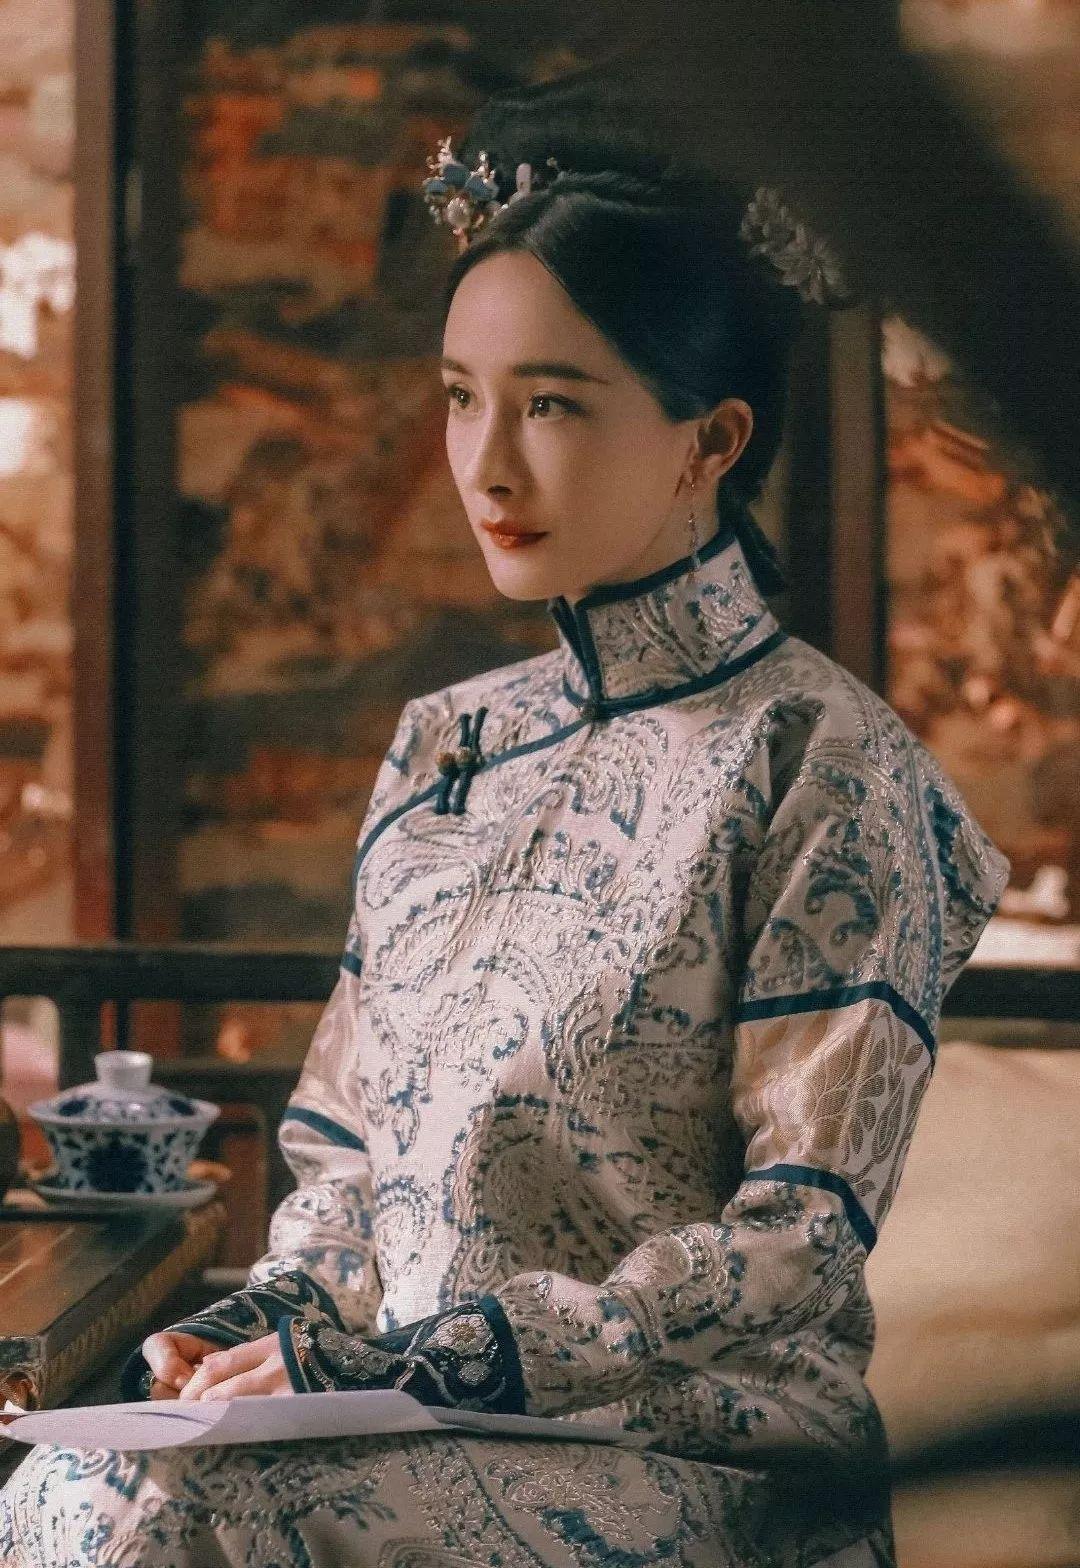 杨幂的性格,取决于她当天的造型?